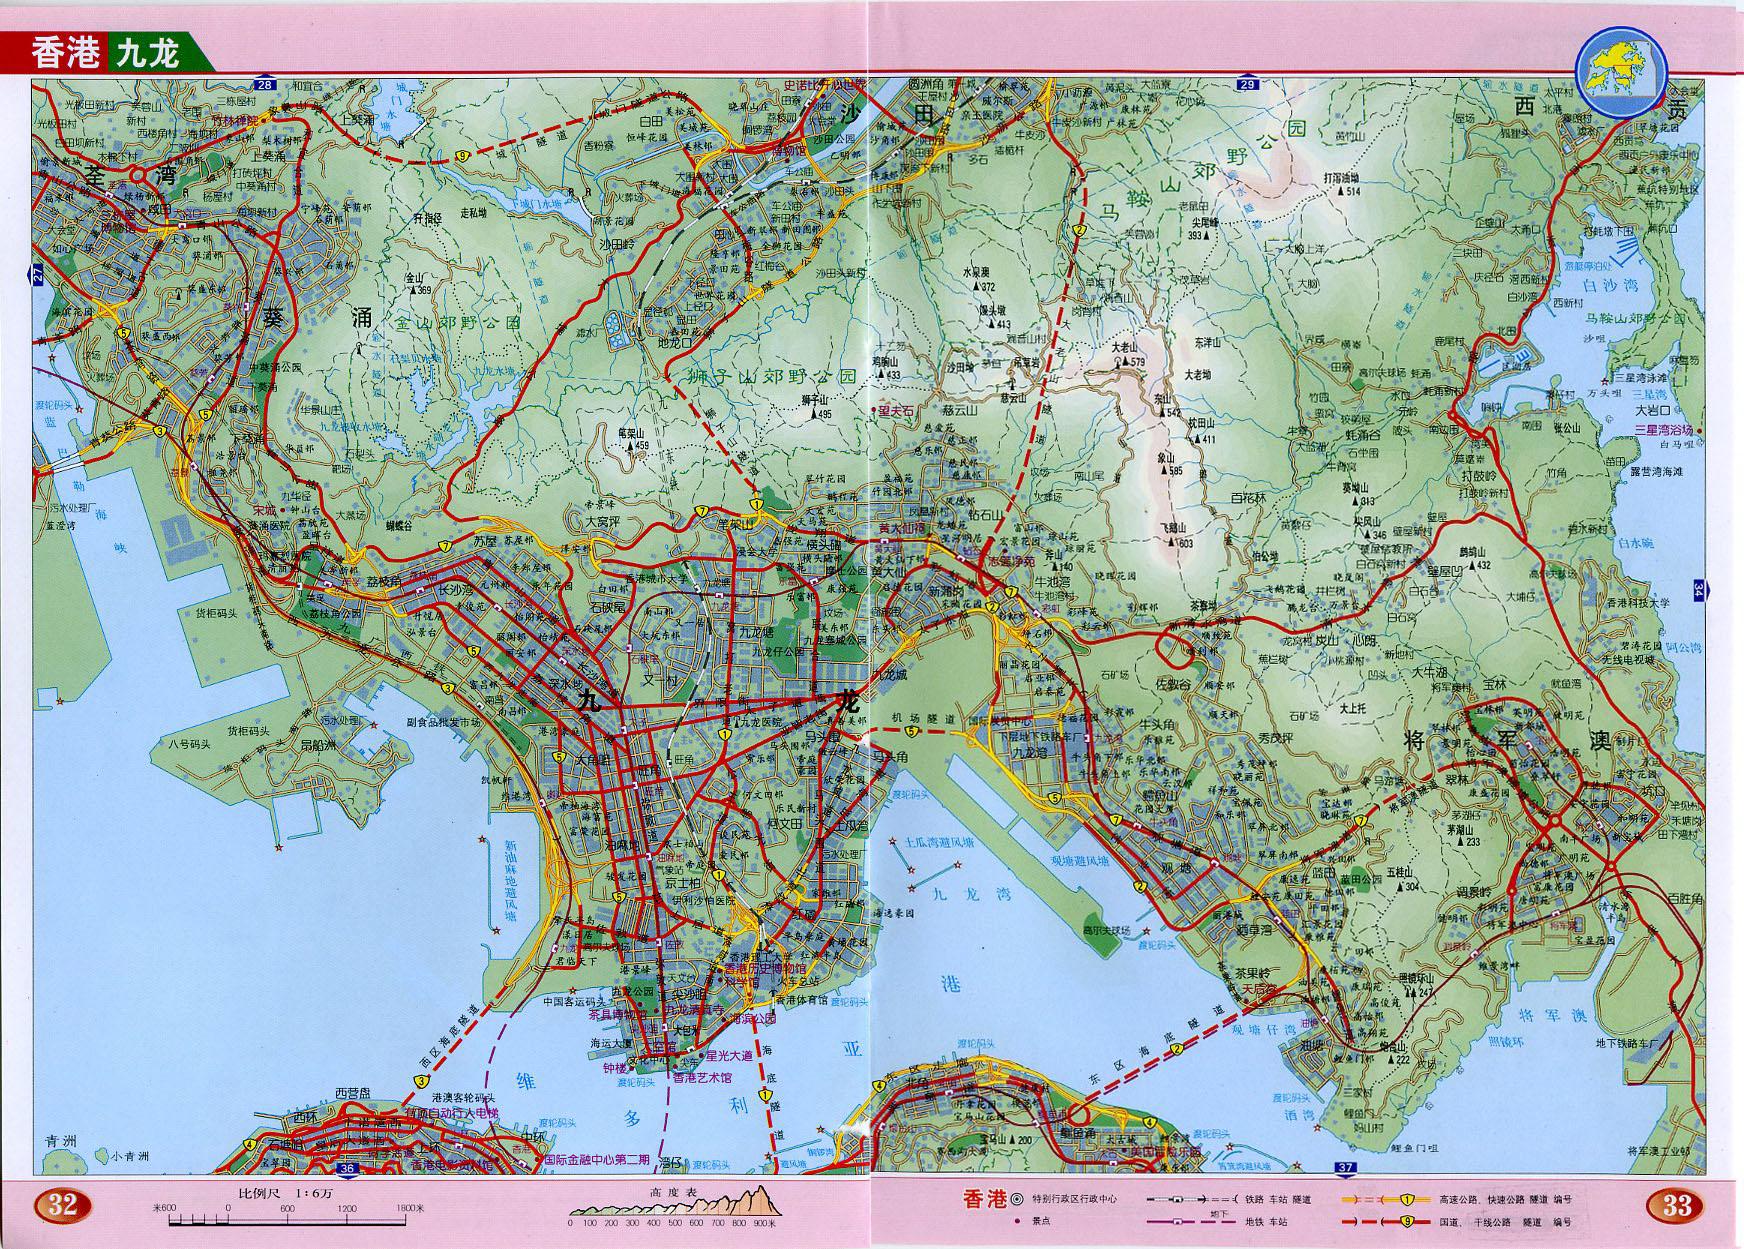 地图库 中国地图 香港 >> 九龙地图高清版    世界各国 | 中国各地图片